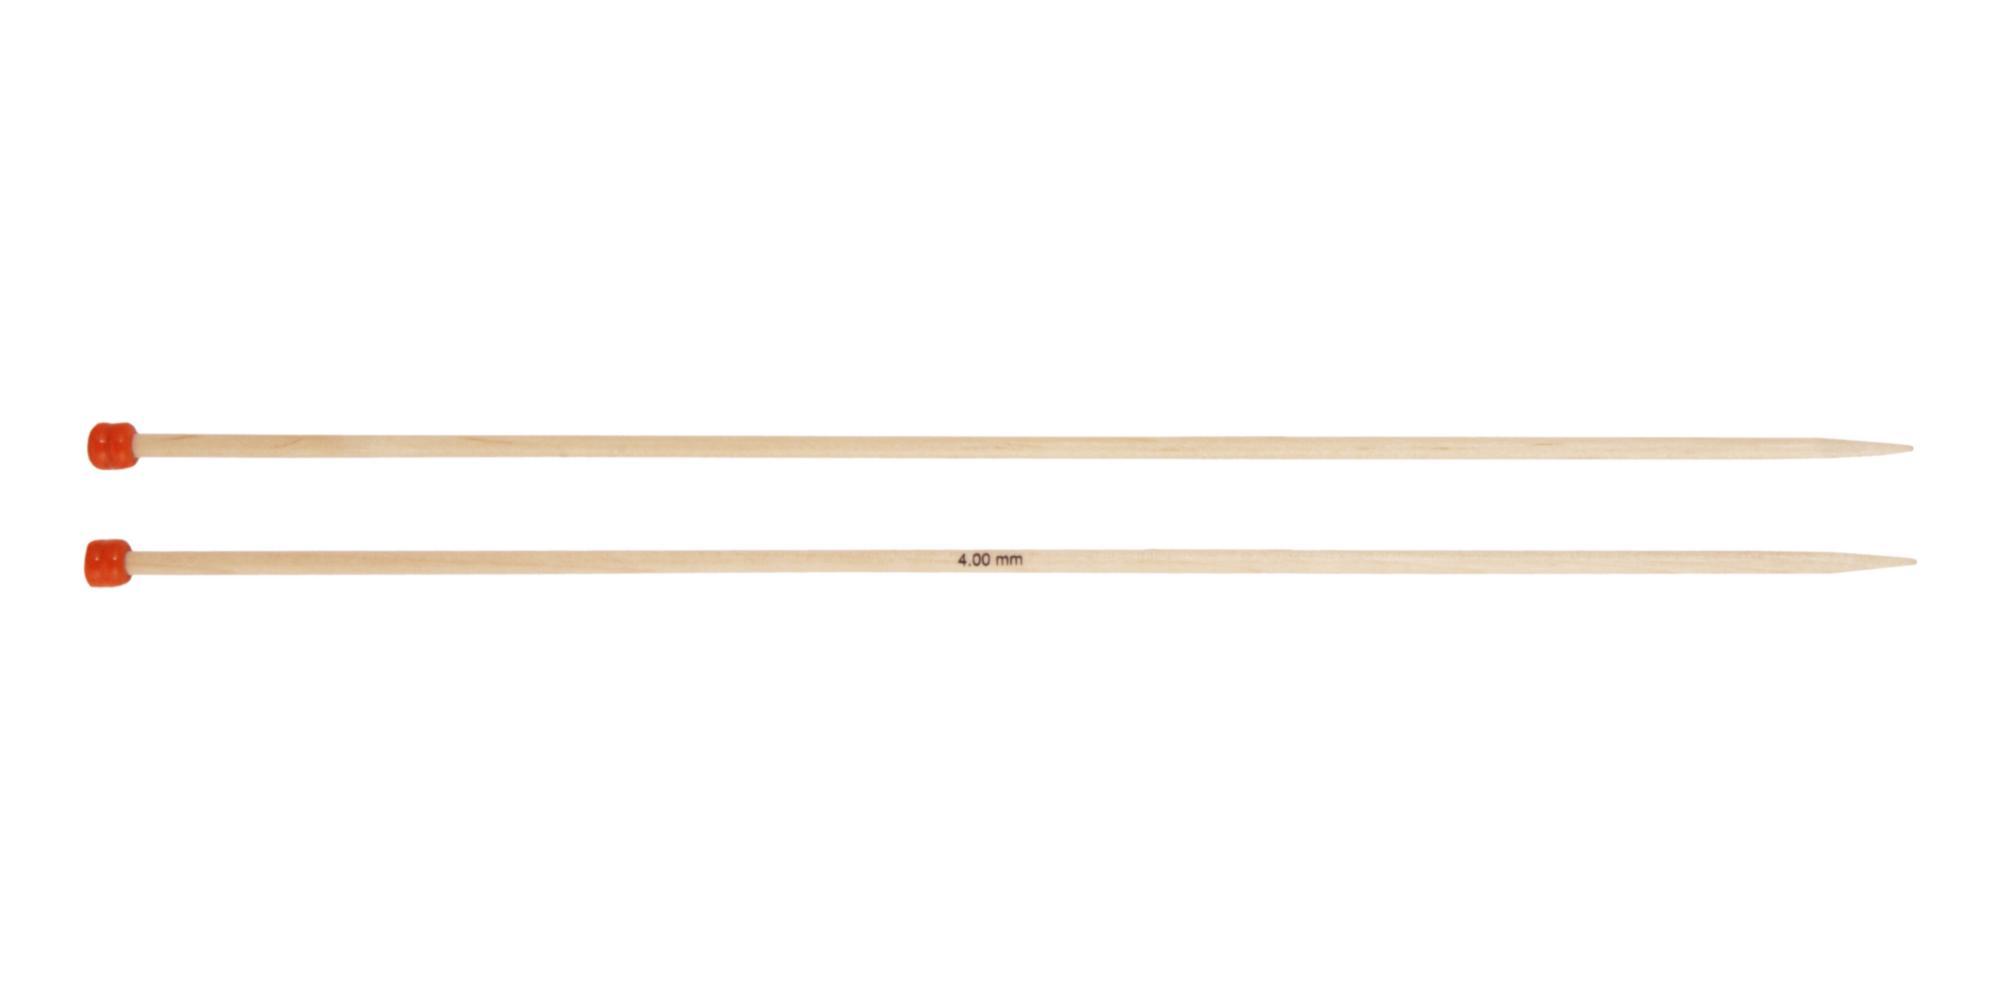 Спицы прямые 30 см Basix Birch Wood KnitPro, 35432, 3.50 мм